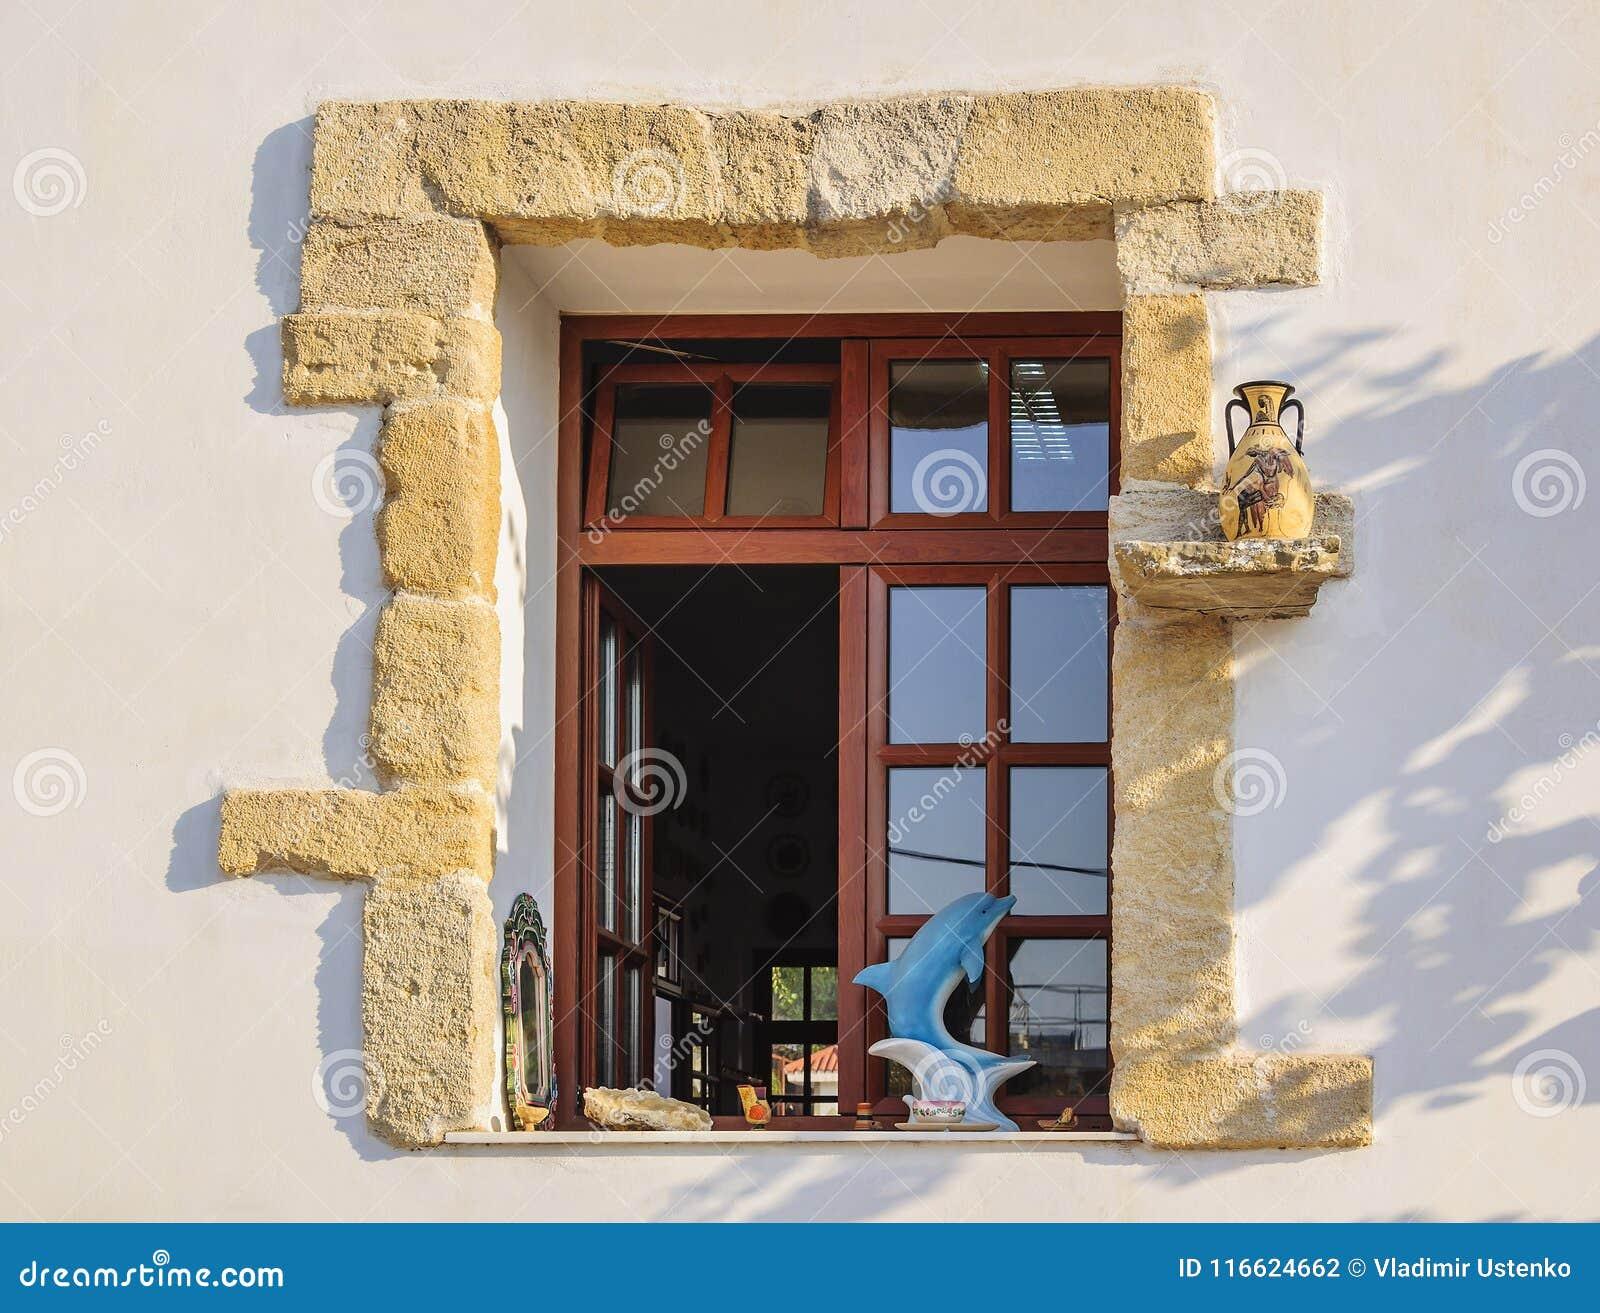 RHODES Grekland-Augusti 24, 2015: Fönster i ett modernt keramiskt krukmakeriseminarium med beståndsdelar av garnering